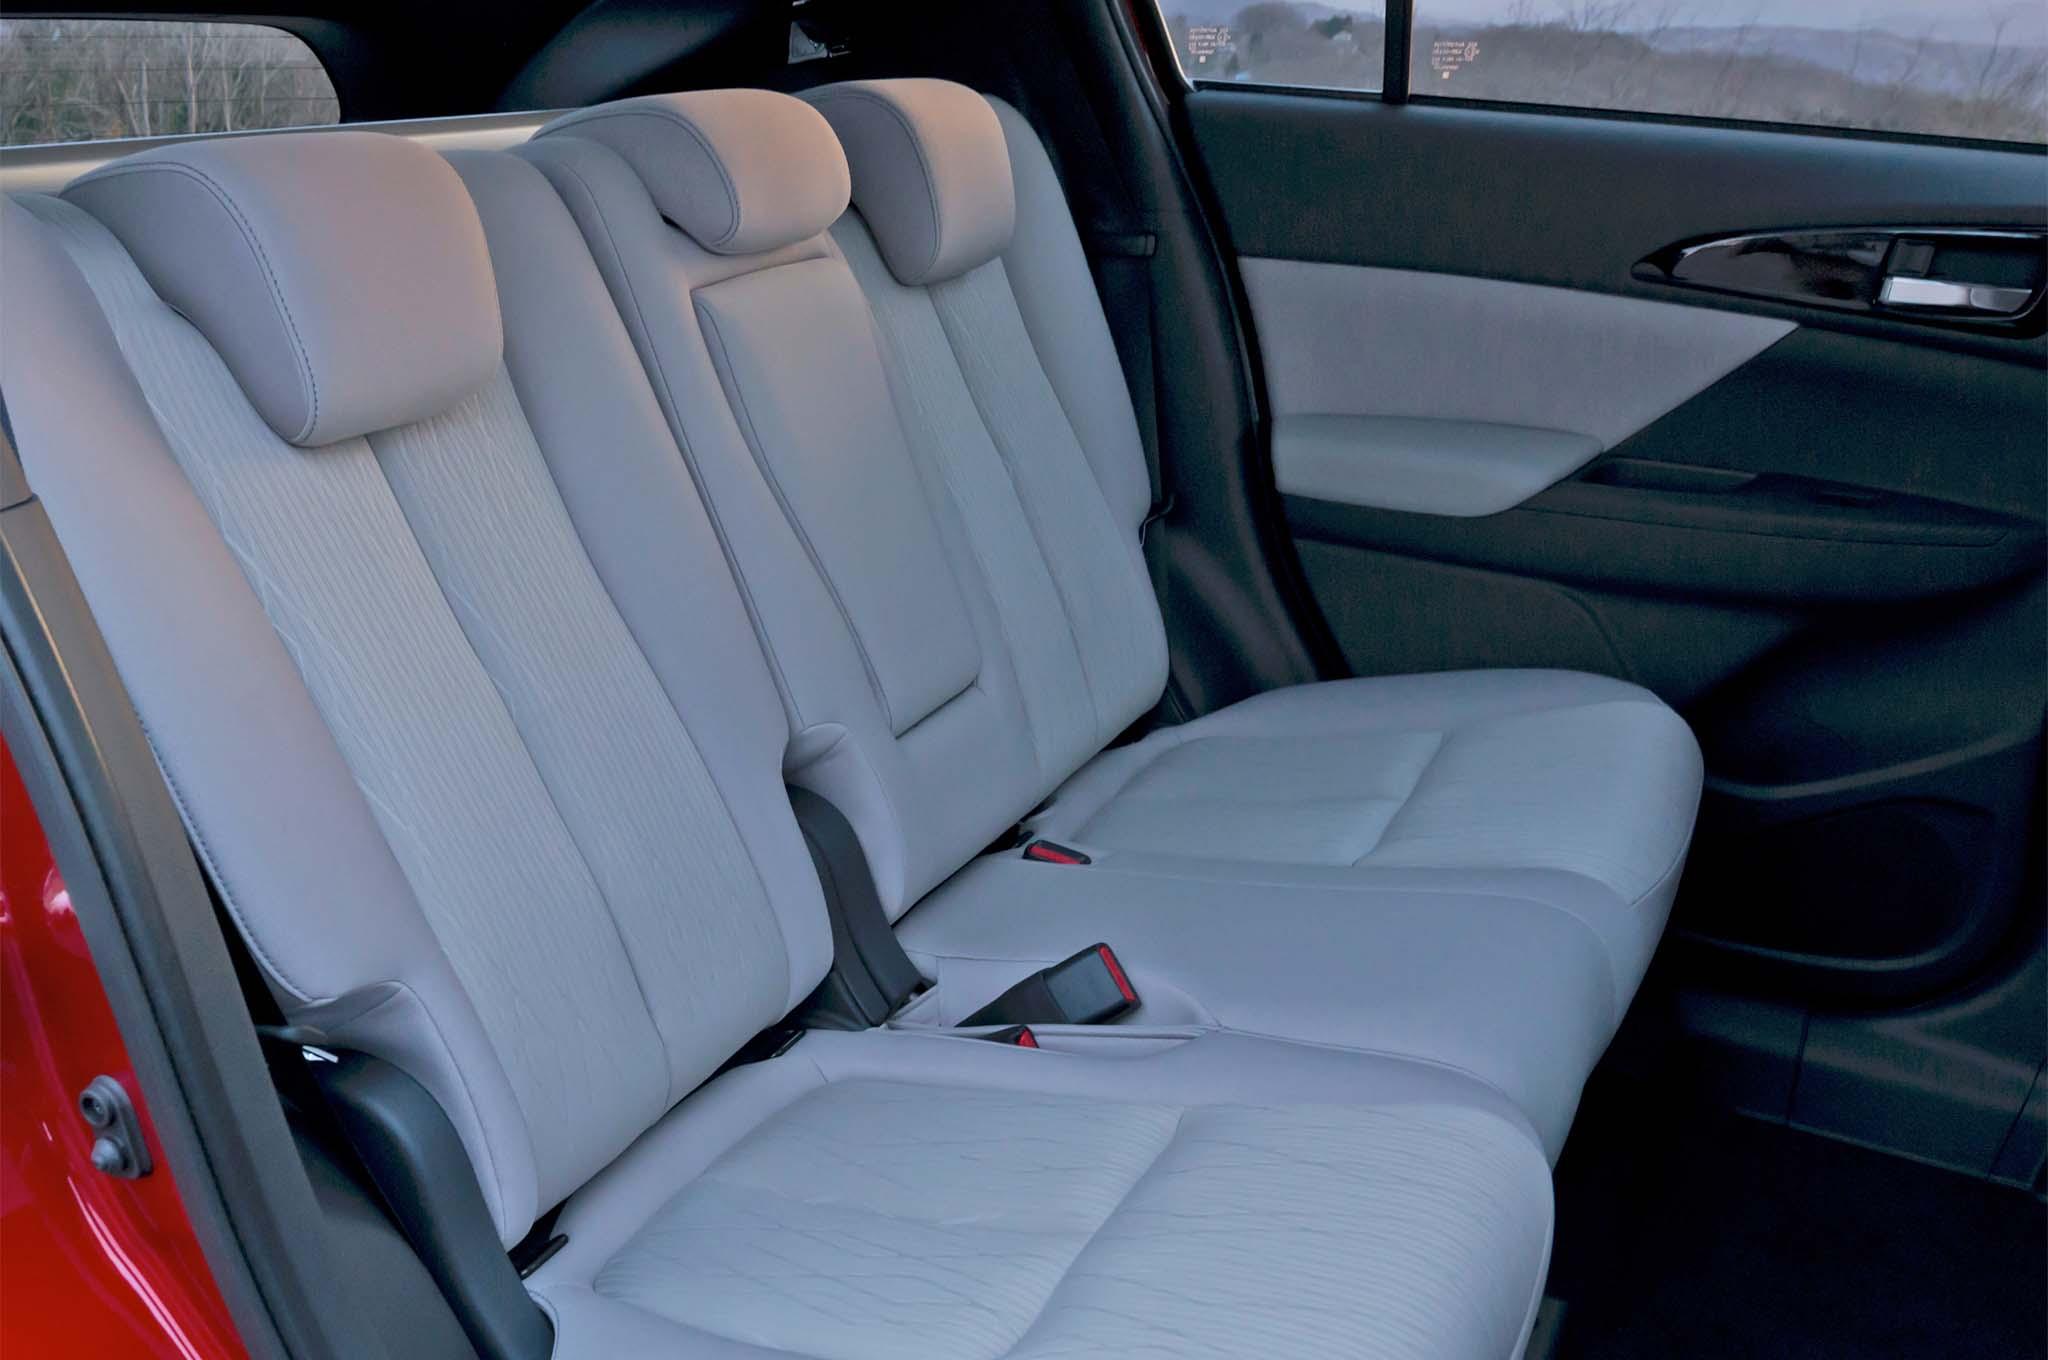 2018 Mitsubishi Eclipse Cross Rear Interior Seats 02 1